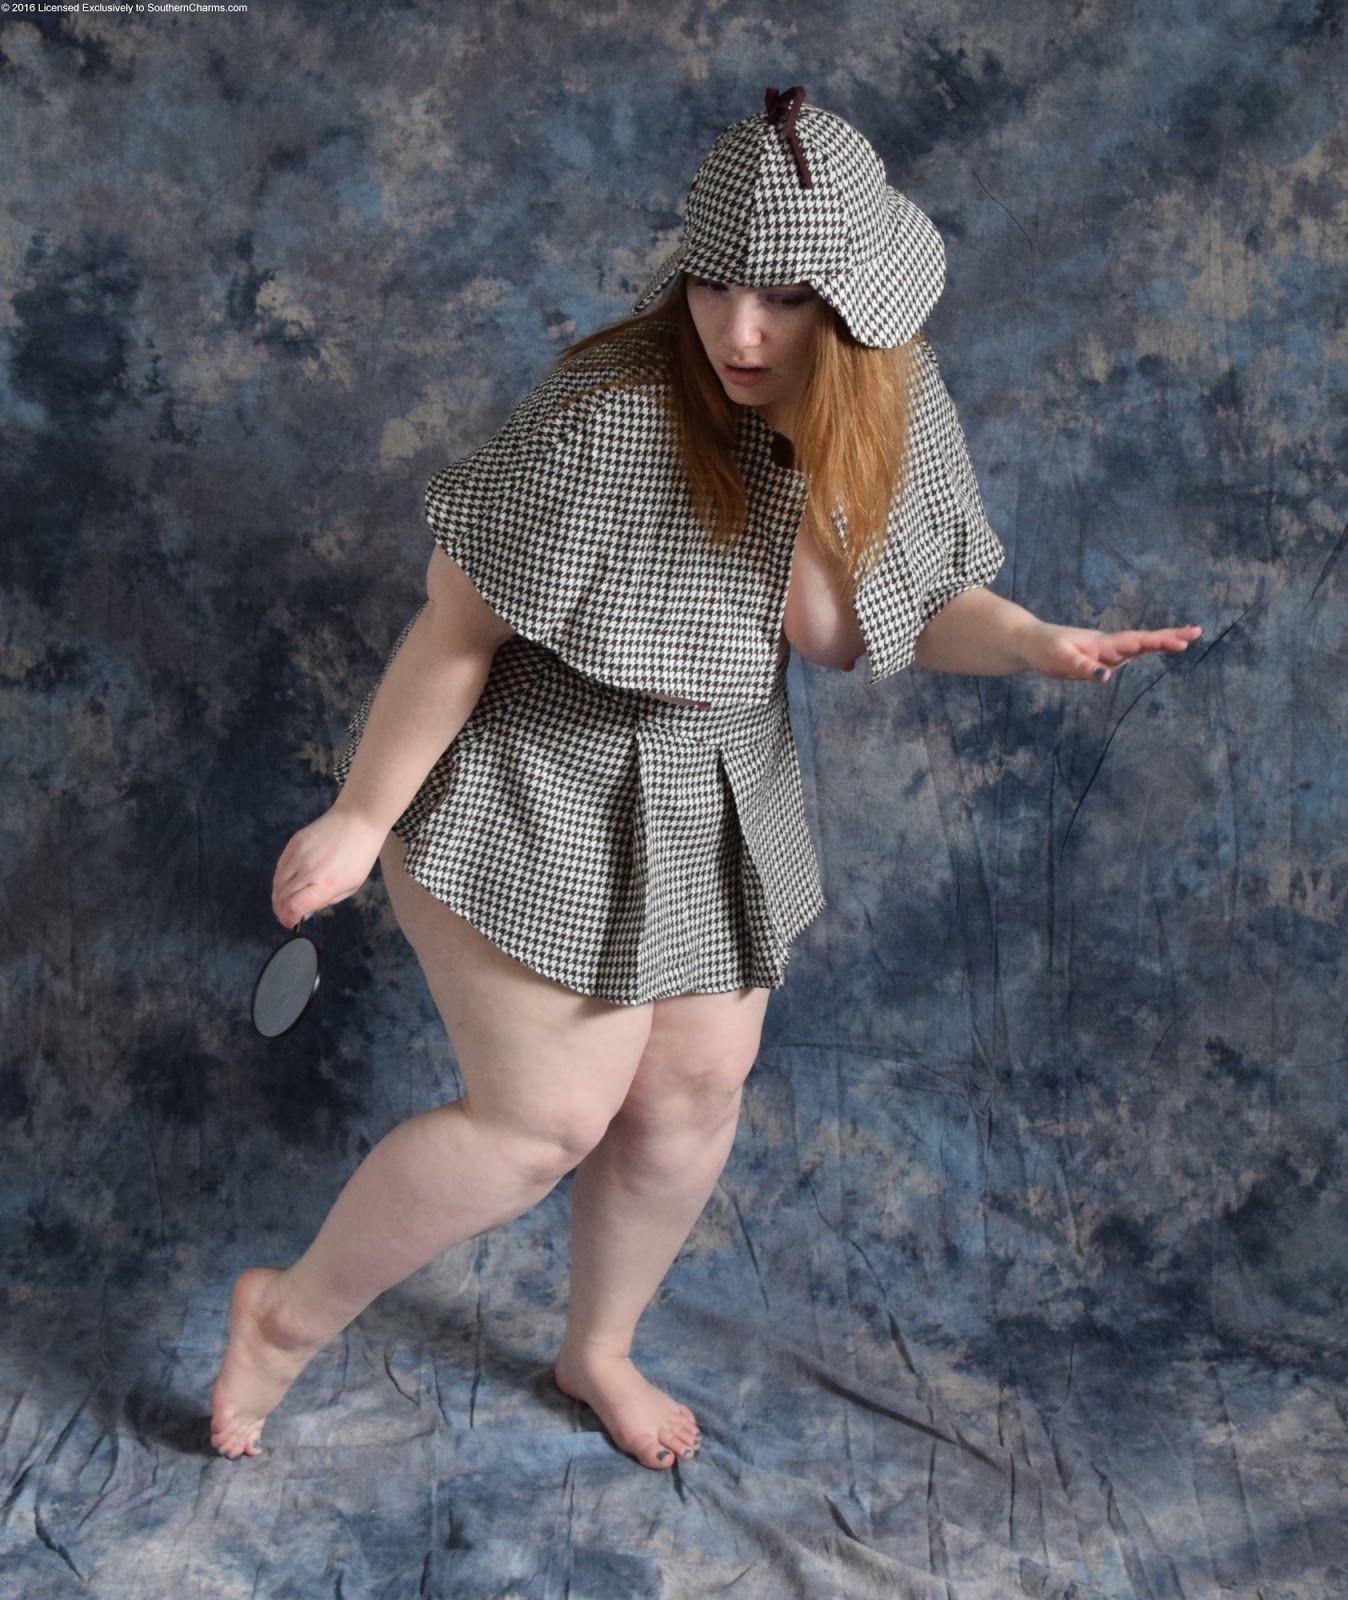 Innes Southern Charms pintotia fozaa on toutafouzaa   fashion, hats, bucket hat